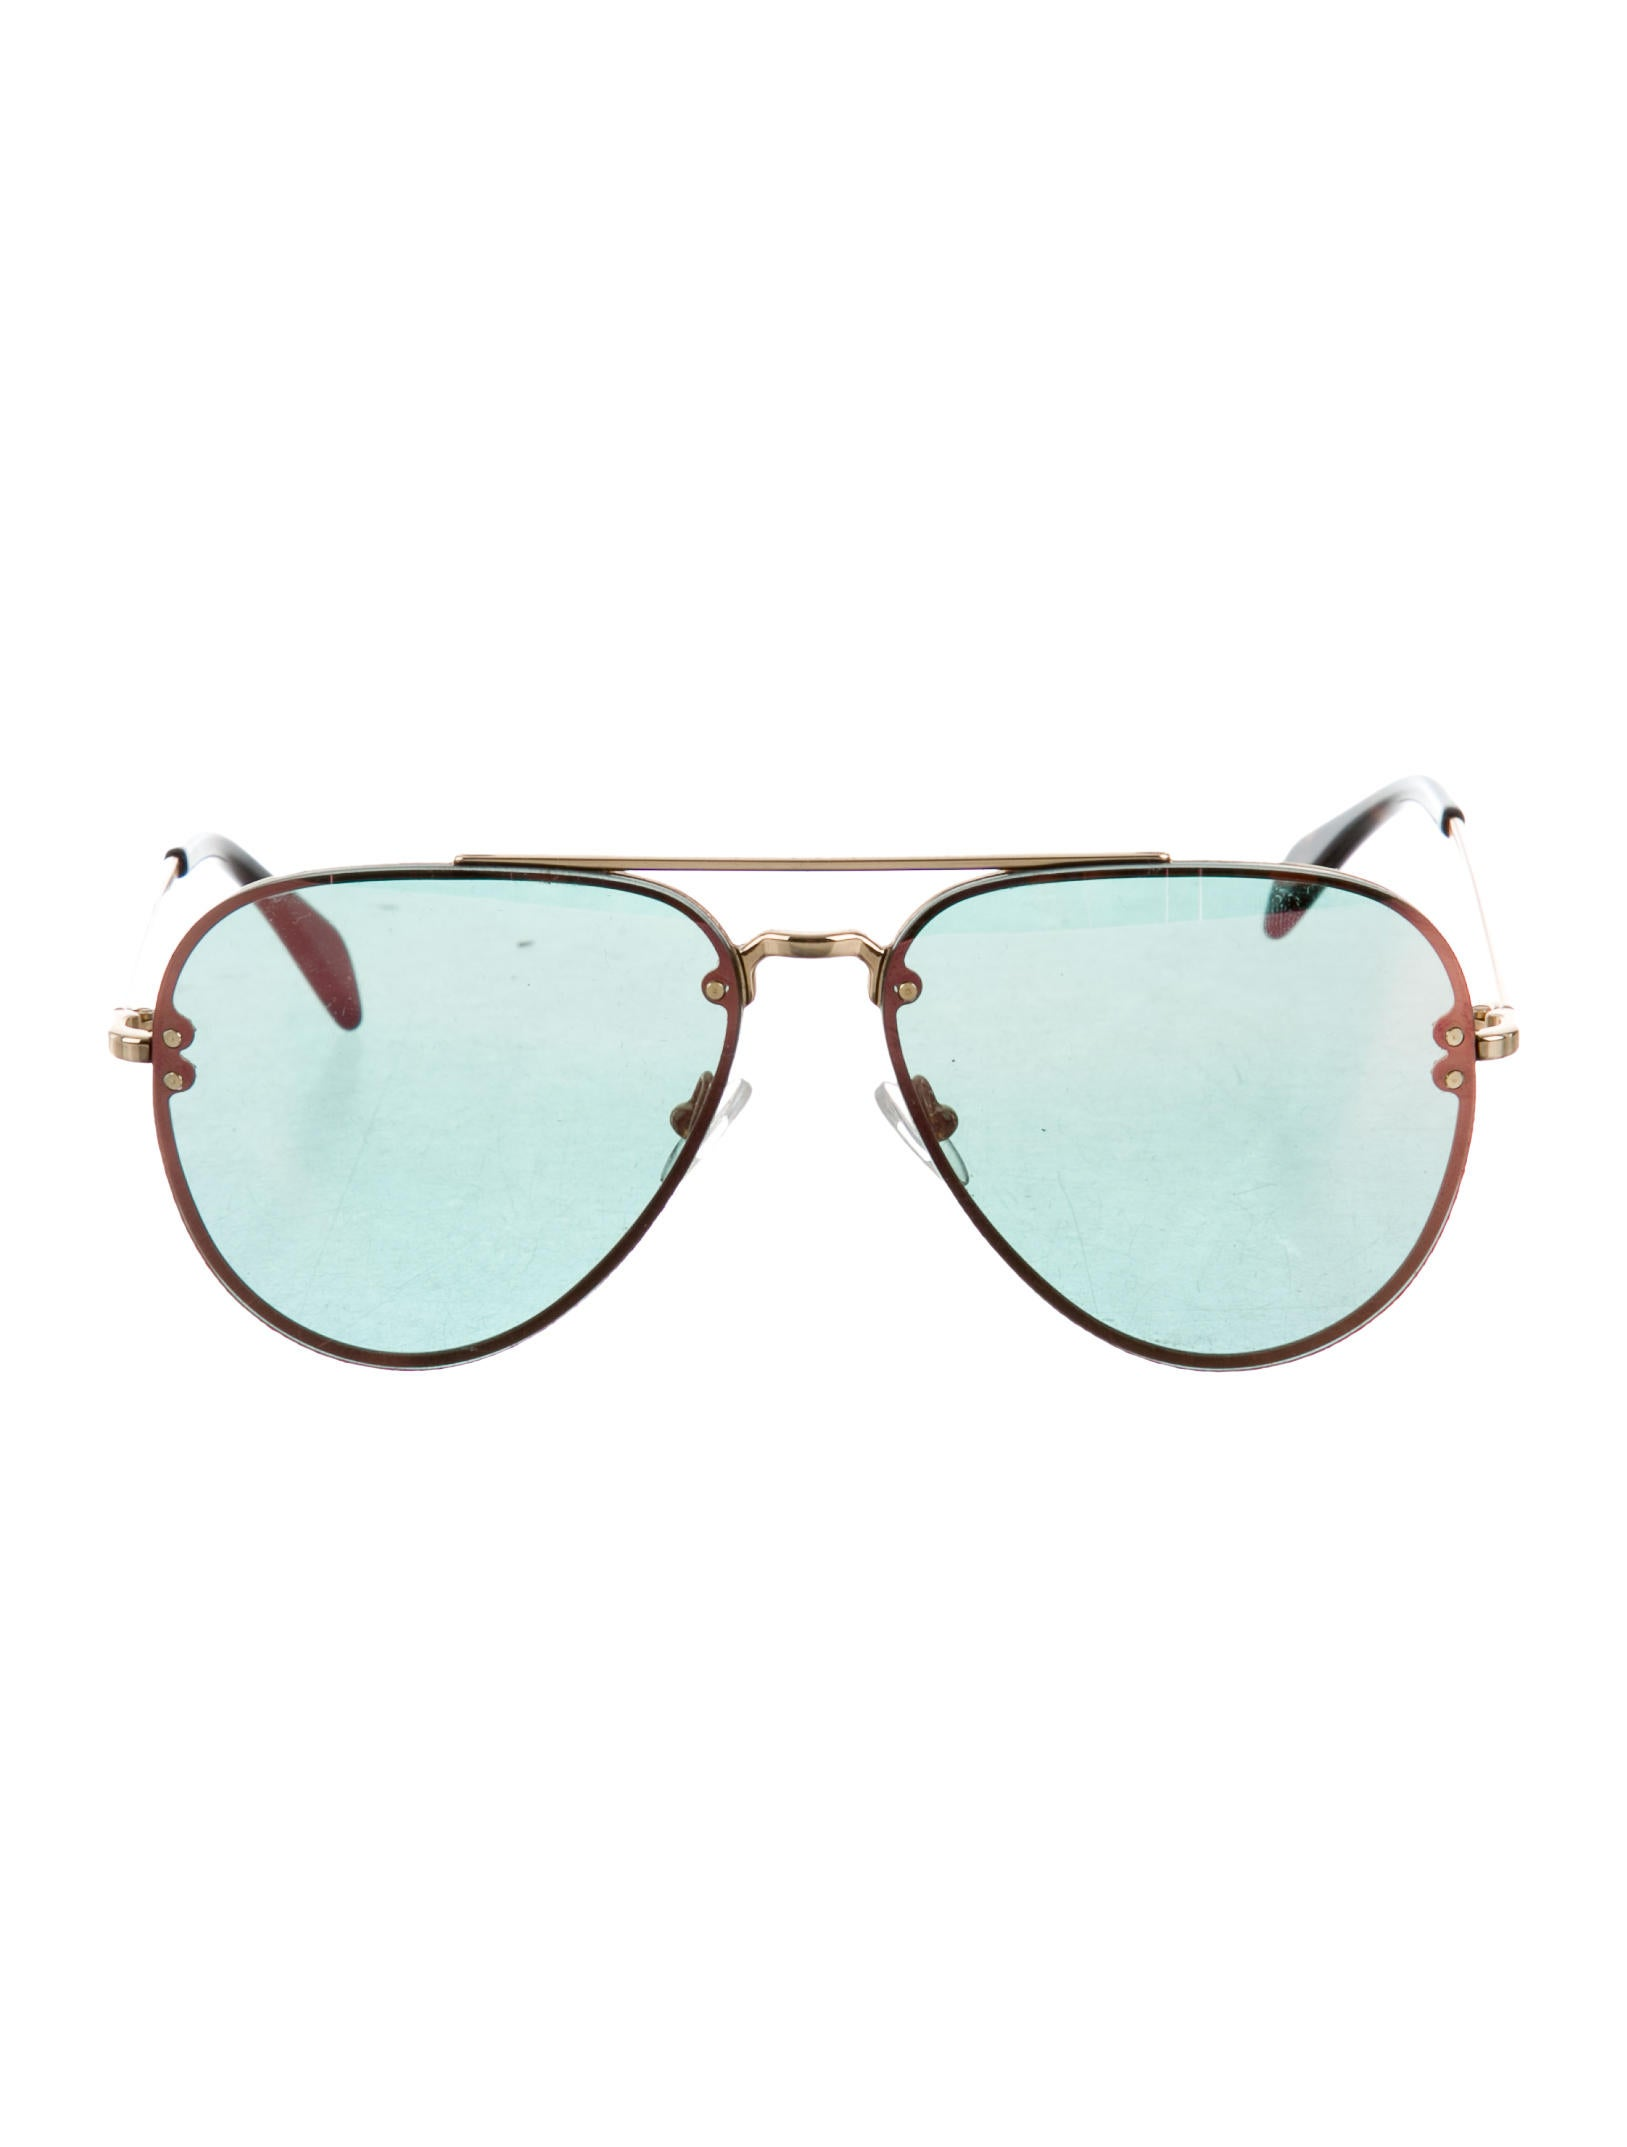 bd3cebe8b934 Celine Céline Reflective Aviator Sunglasses - Accessories - CEL53789 ...